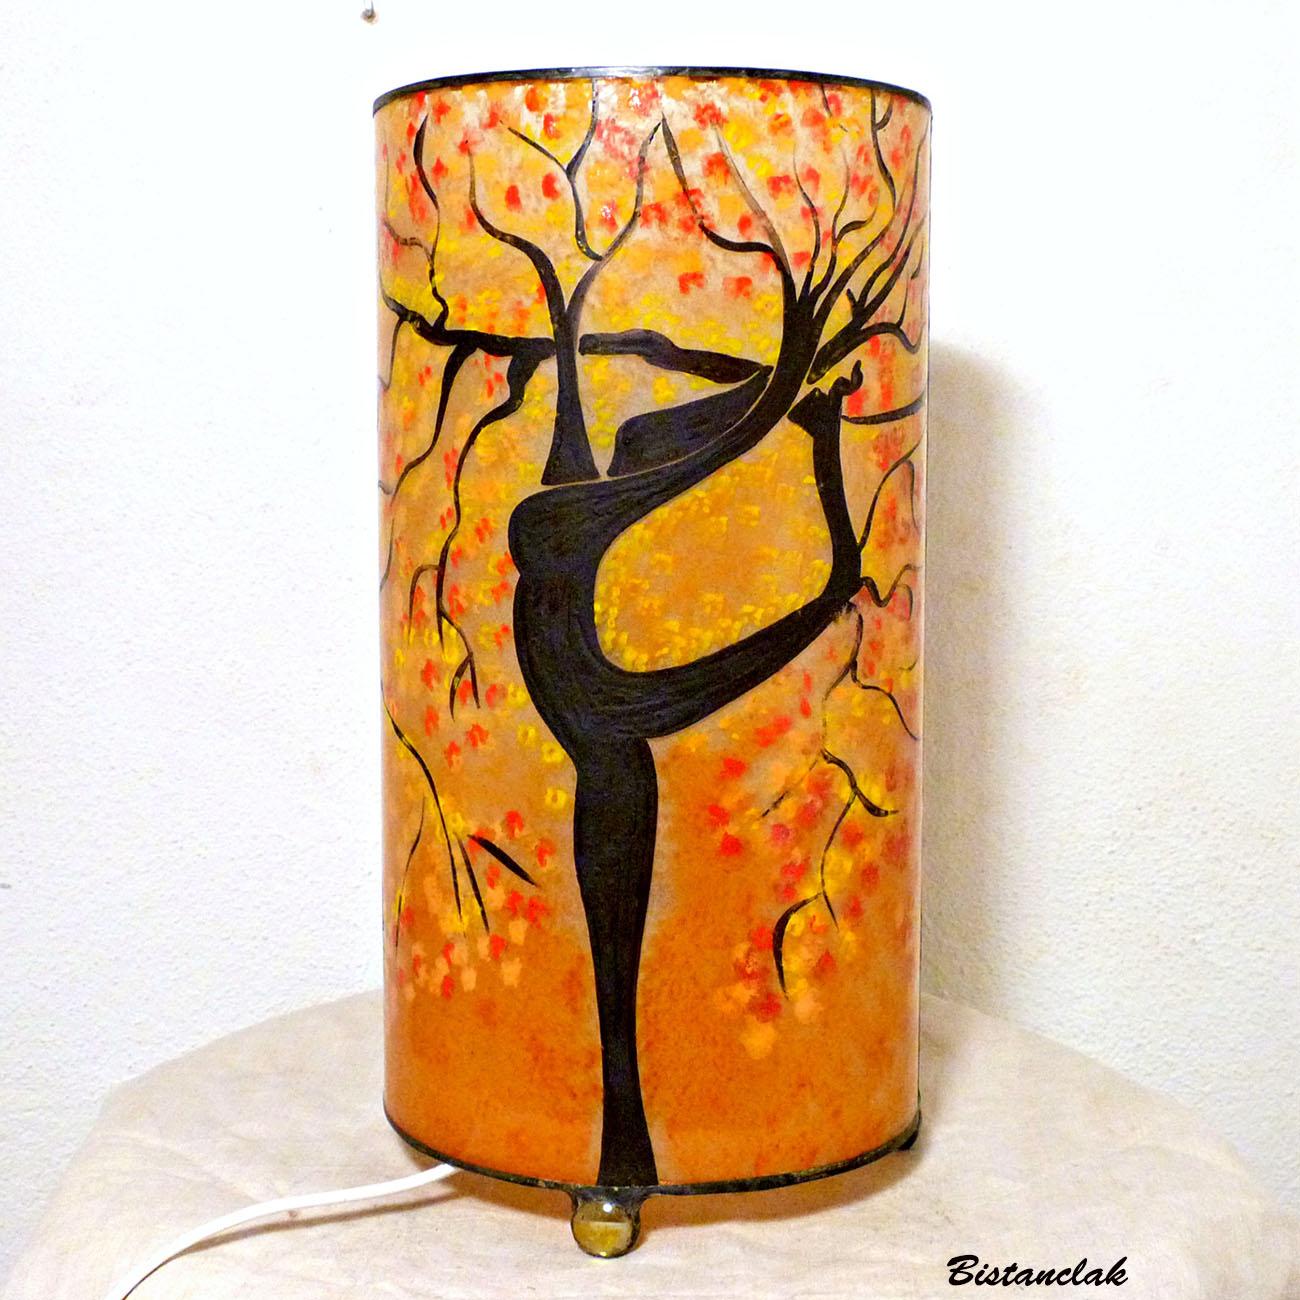 Lampe d'ambiance cylindrique sable orange motif arbre-danseuse; création artisanale